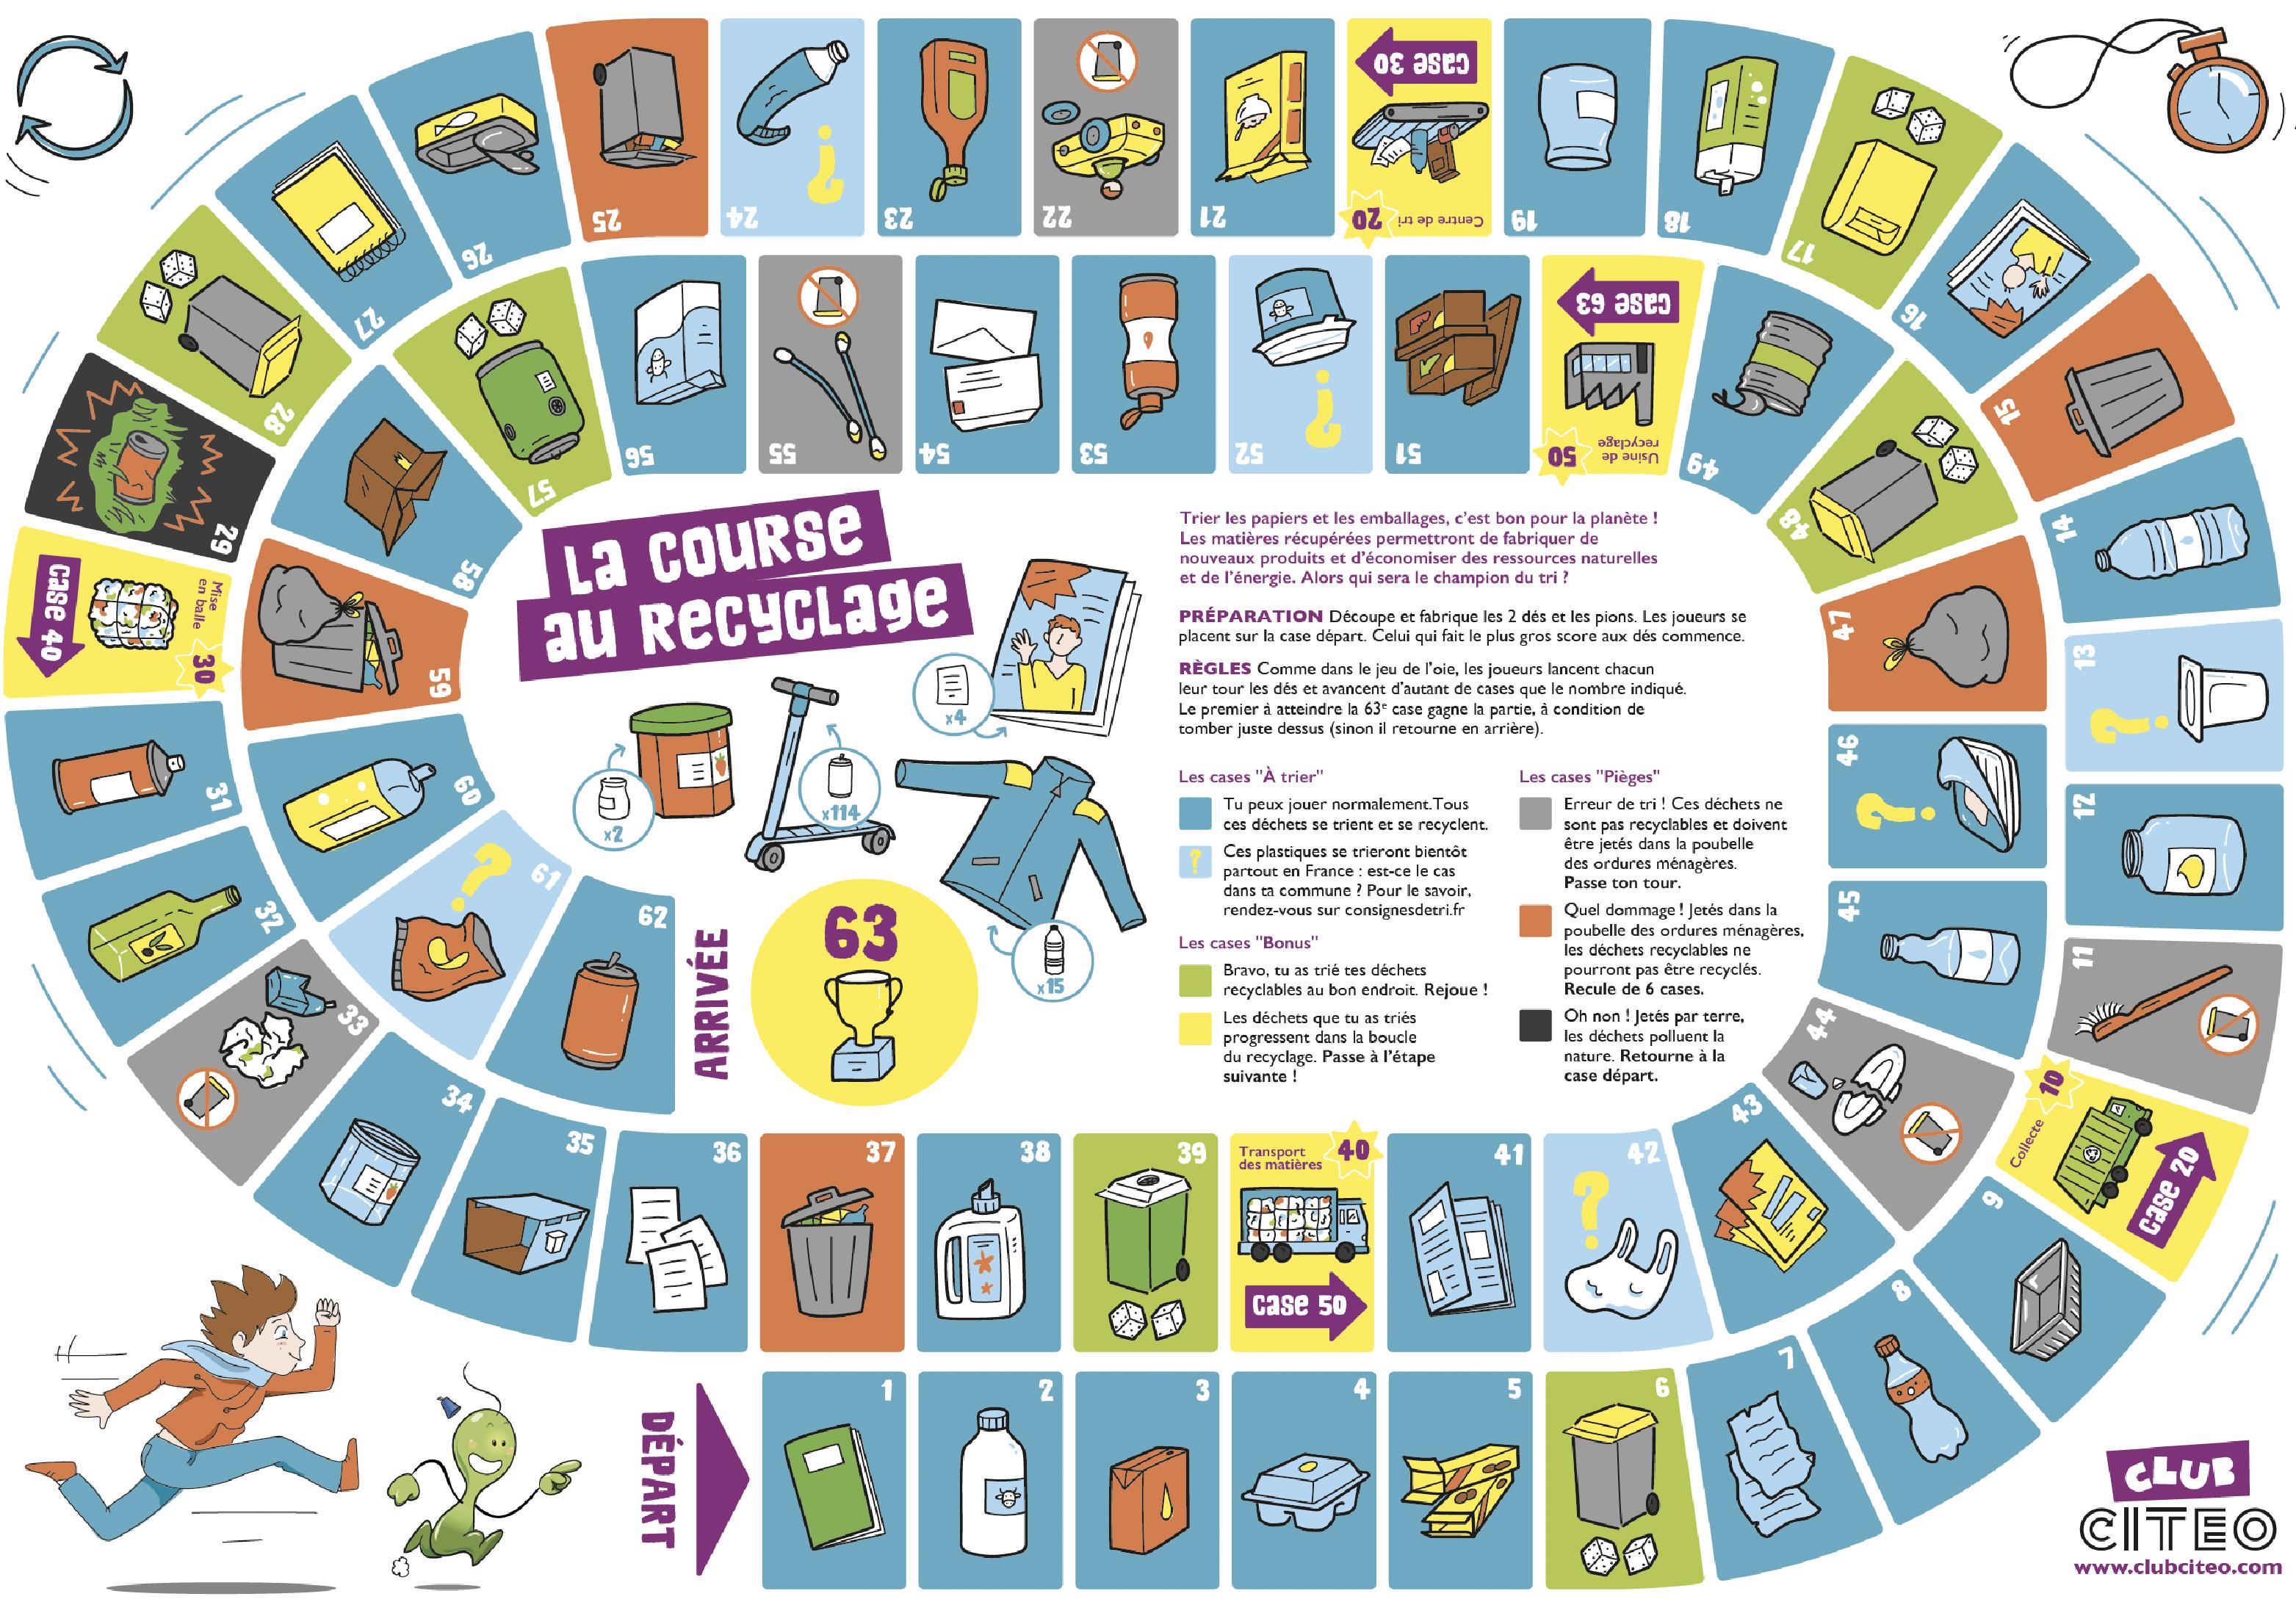 https://services.atelier-des-giboulees.com/storage/uploads/77532cec-b850-4154-b1ff-c3100db1c56d/210401-giboulees-citeo-03-galerie-grande-photo-copie.jpg